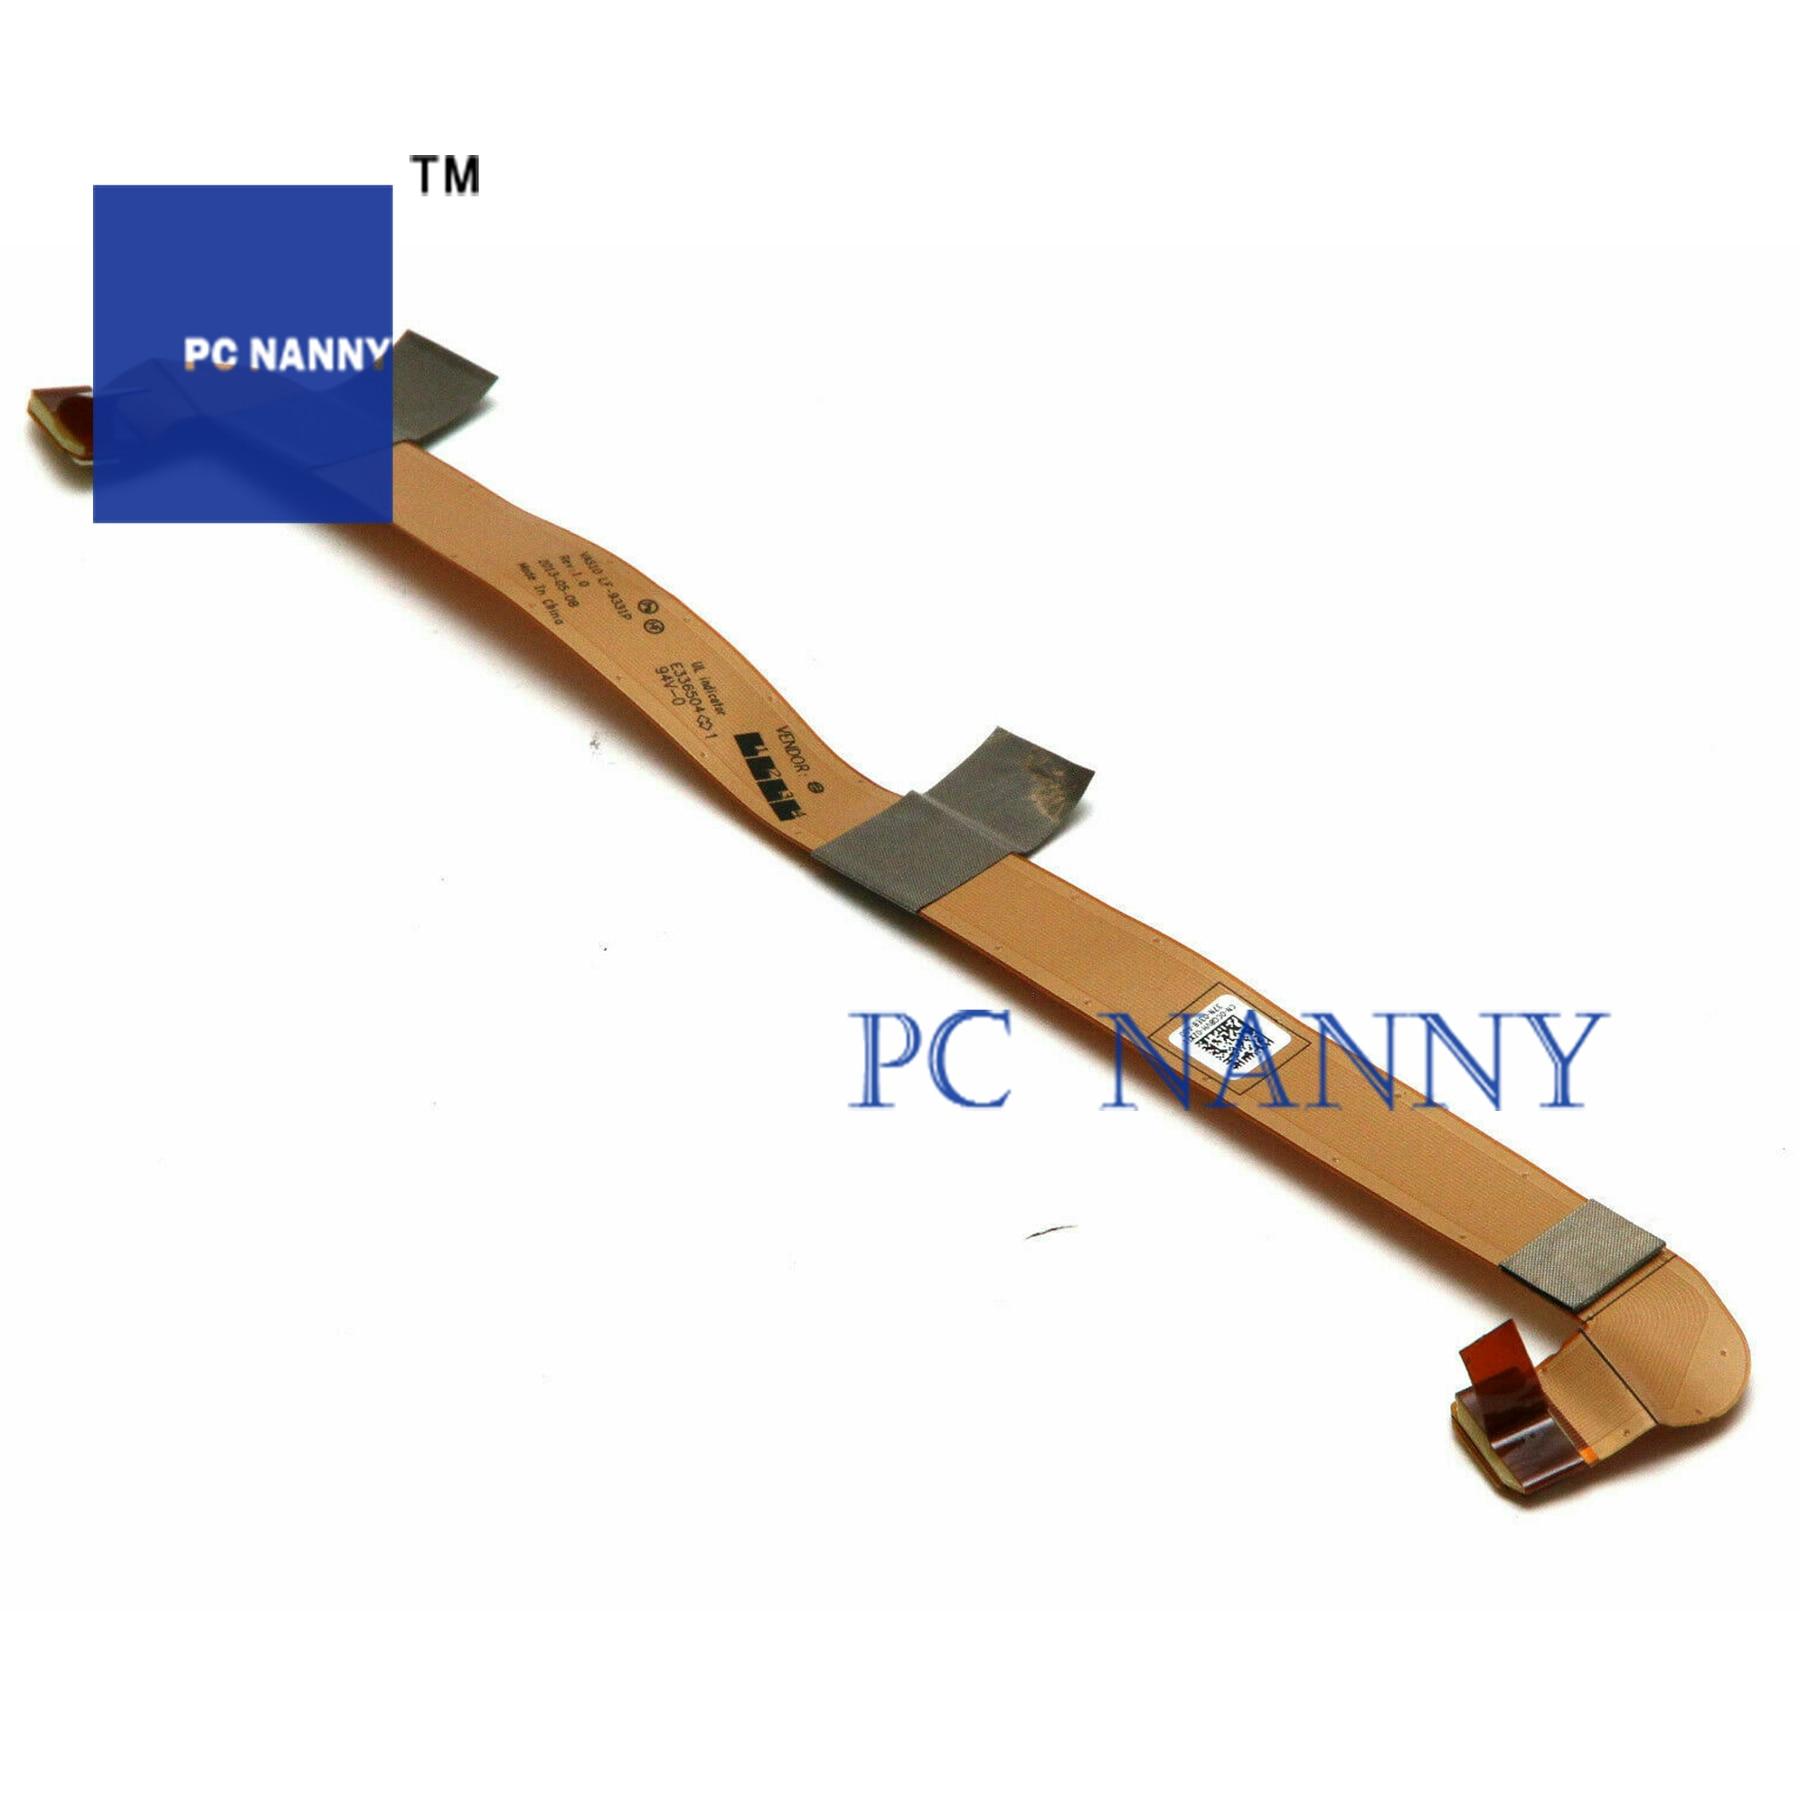 PCNANNY para Dell M18X R3 portátil Nvidia SLI conector de Cable 0CG8VH LF-9331P placa del Sensor LS-933GP placa led LS-933NP 0RWF8V